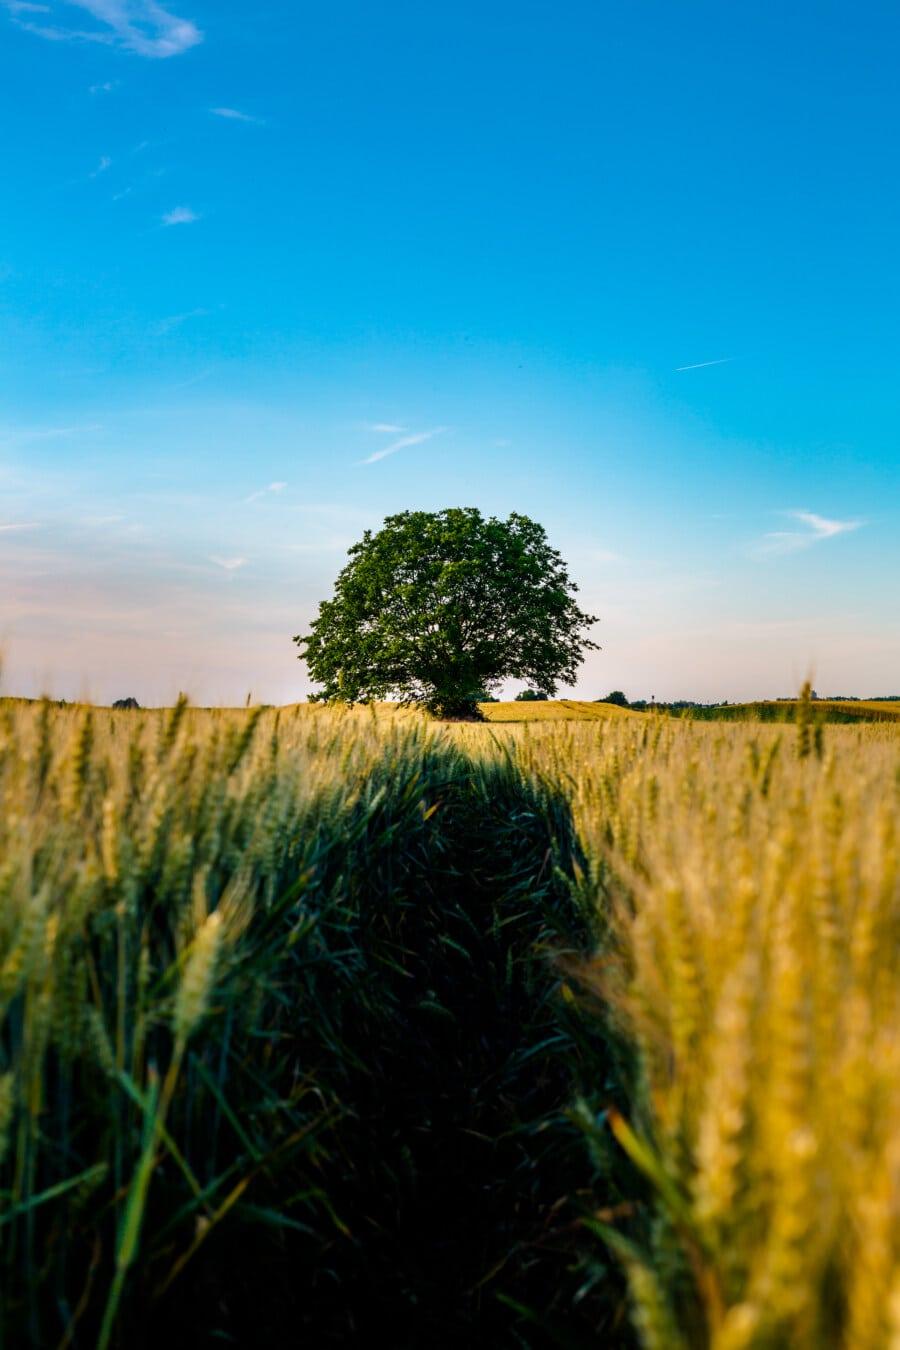 Feld, Landwirtschaft, Struktur, Weizenfeld, Atmosphäre, idyllisch, sonnig, des ländlichen Raums, Gras, Getreide